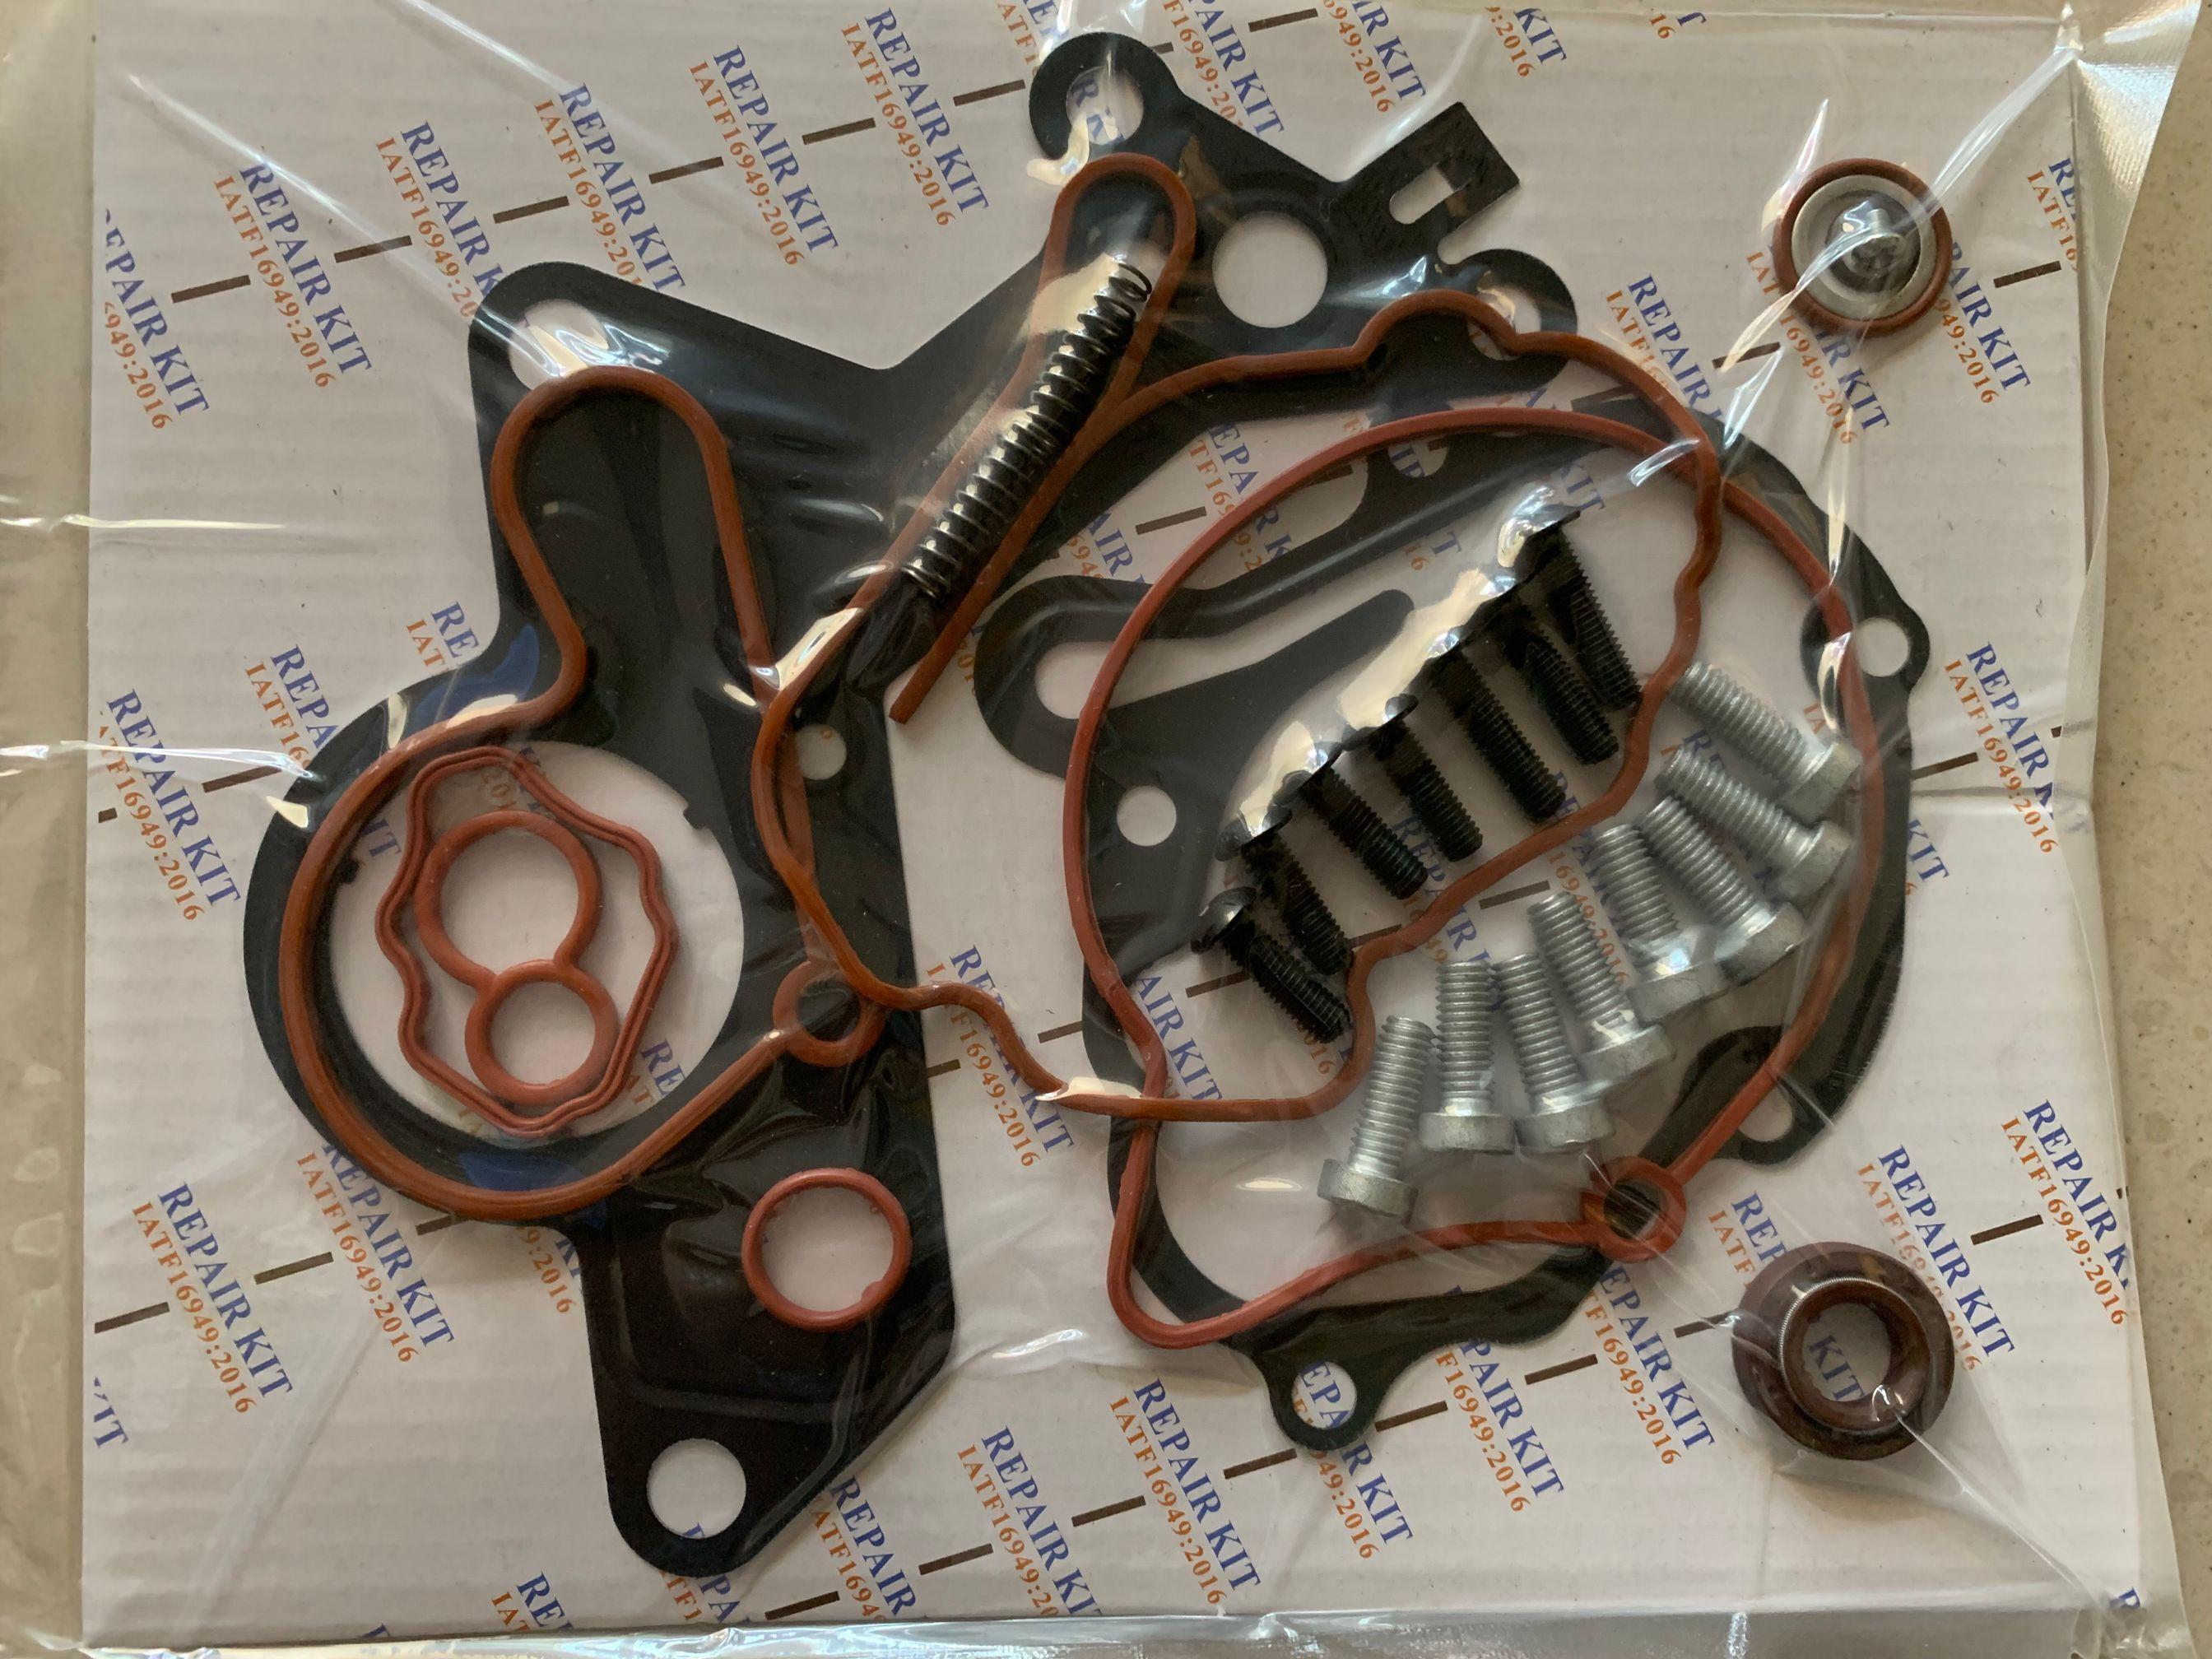 Para VW AUDI SEAT 1.2TDI 1.4TDI 1.9TDI 2.0TDI 038145209 Kit de reparación de bomba tándem de combustible de vacío